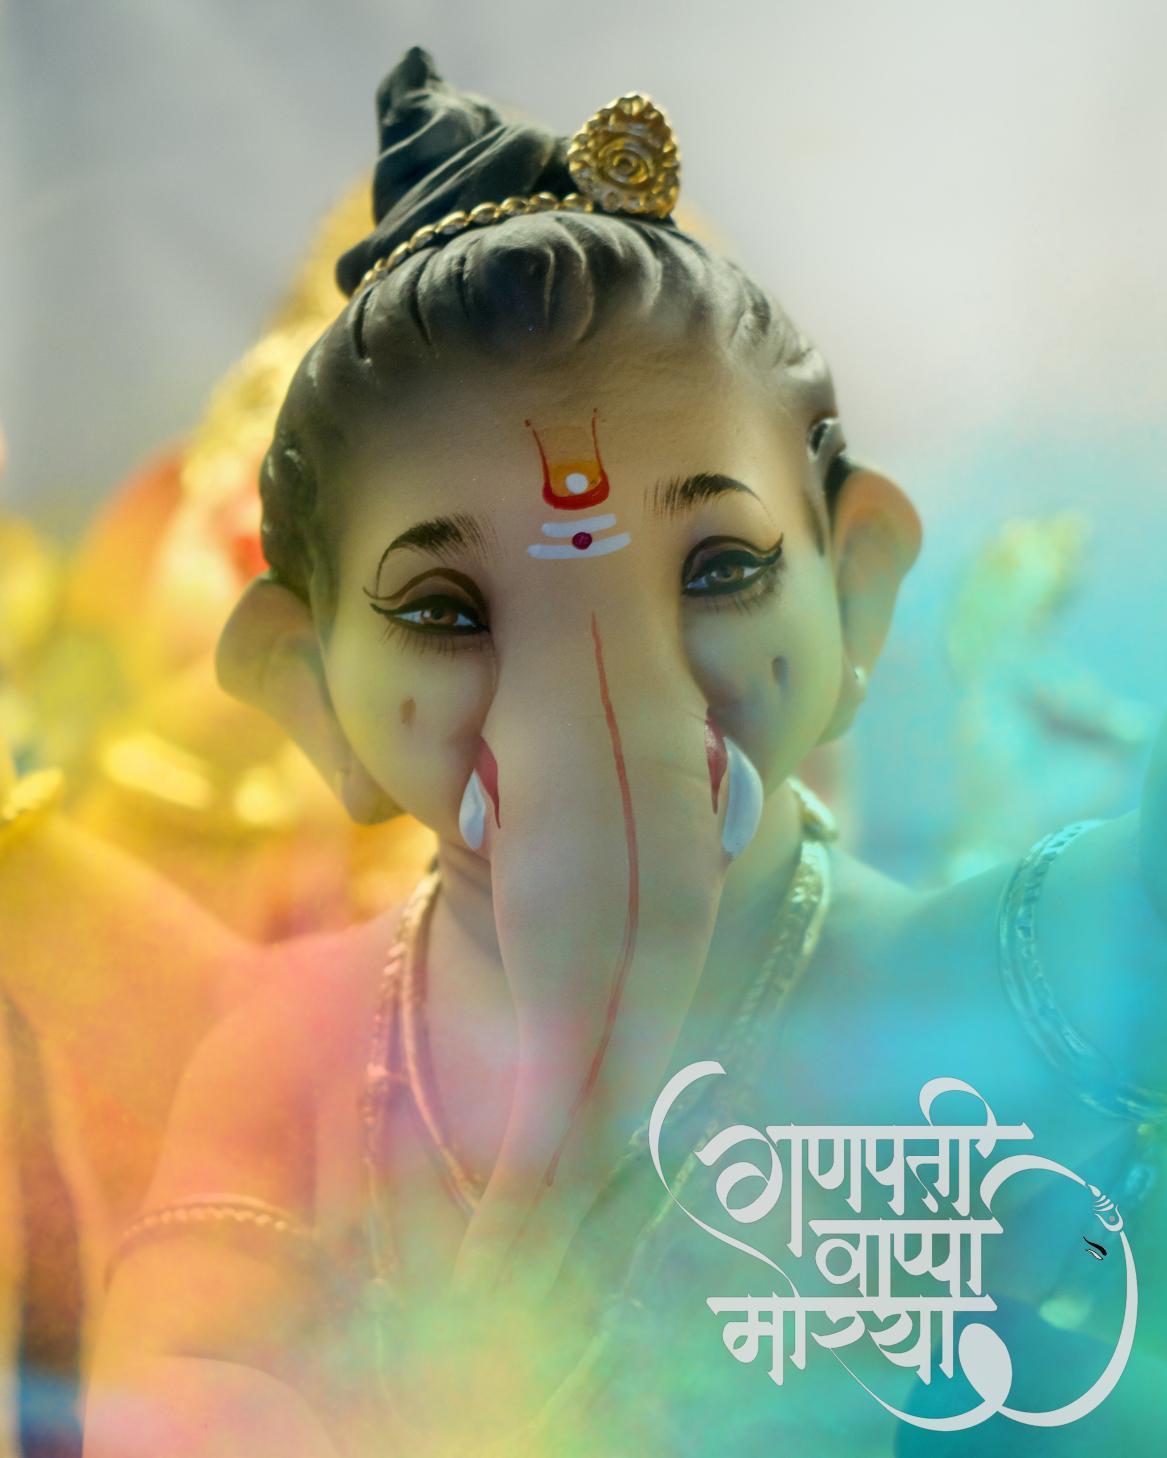 Ganpati bappa morya editing background ||